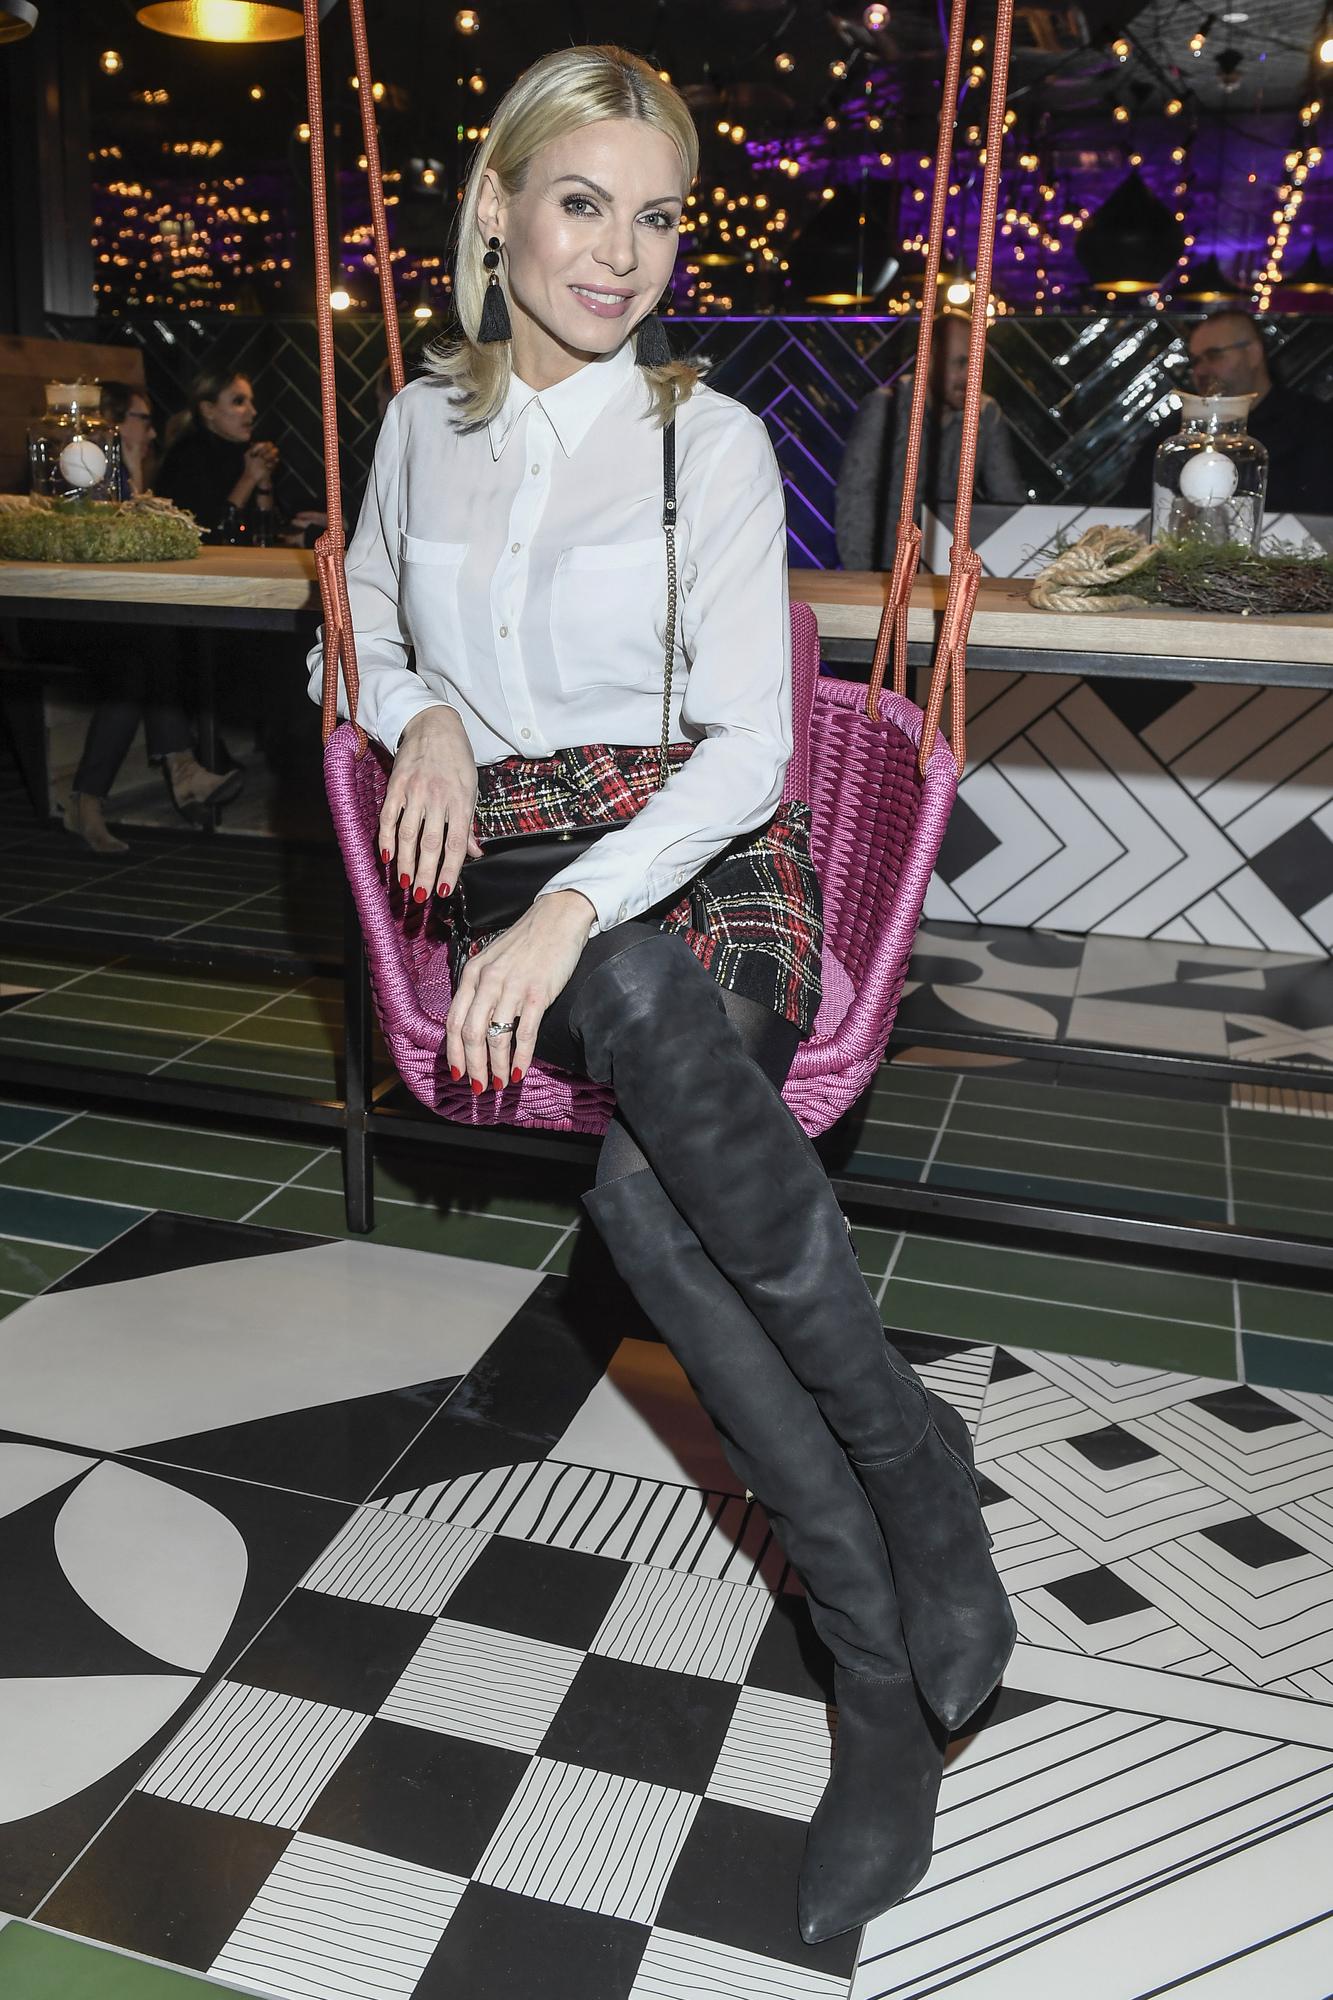 Szostak w DZIWNYCH butach i Paulina Sykut w bieli na otwarciu hotelu (ZDJĘCIA)